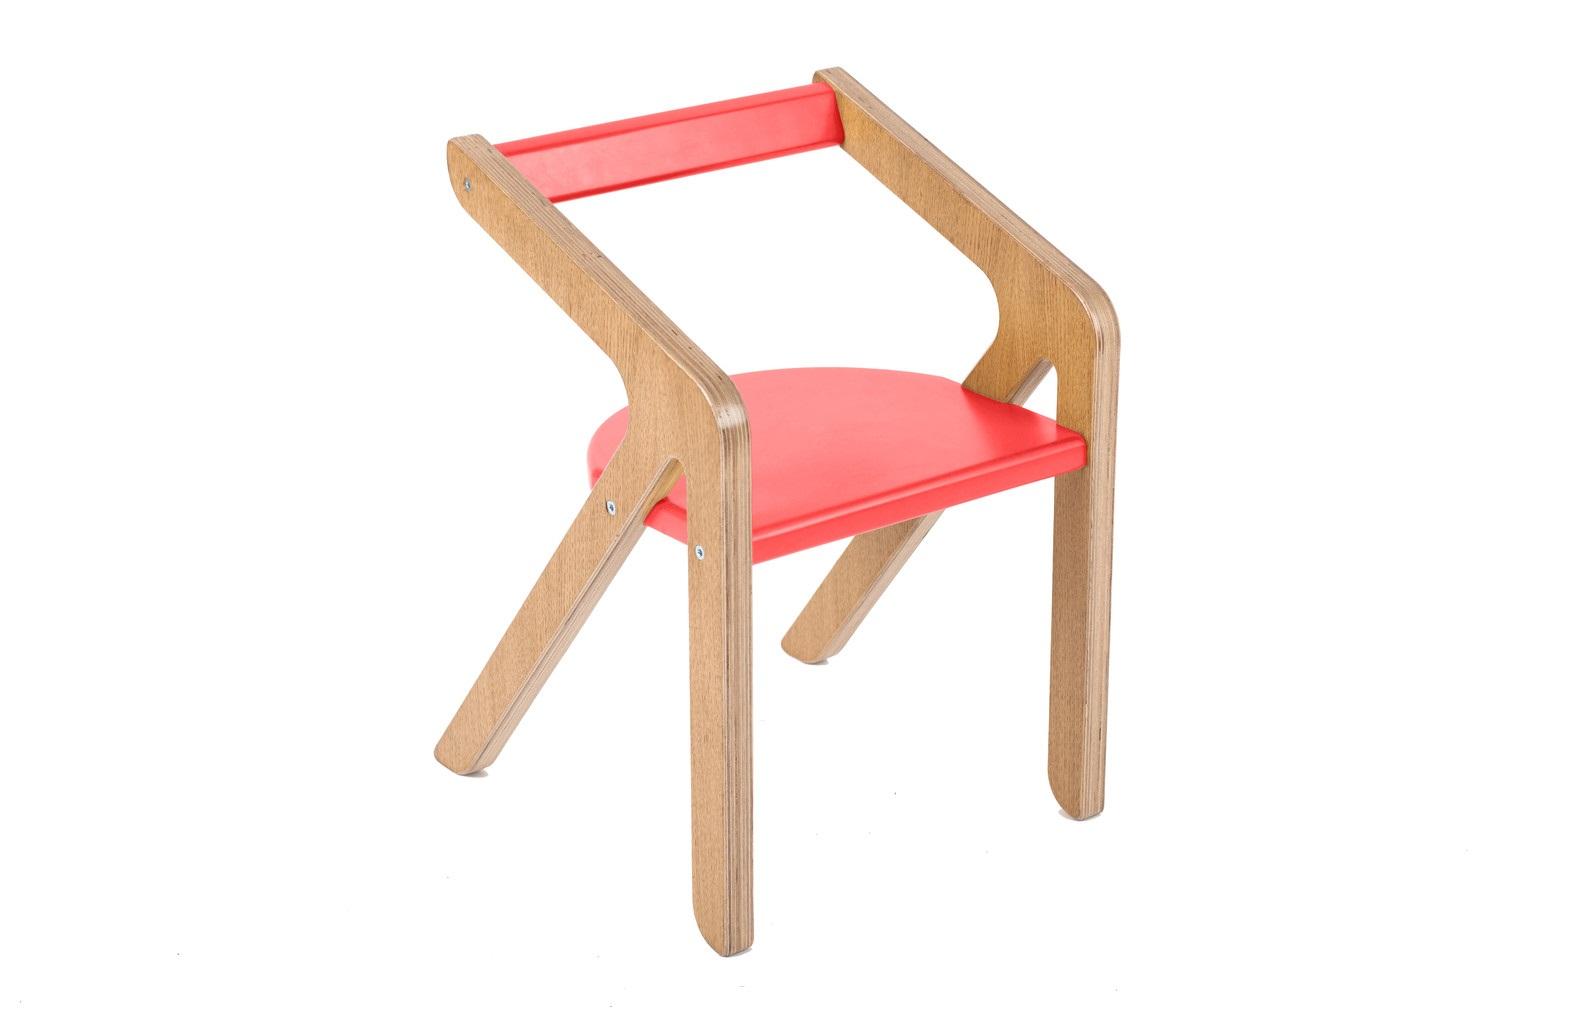 Стул MalevichДетские стулья<br>Красивый, удобный, а главное устойчивый стул, который не перевернется, даже если ребенок залезет на него и облокотится на спинку.&amp;amp;nbsp;&amp;lt;div&amp;gt;&amp;lt;div style=&amp;quot;font-size: 14px;&amp;quot;&amp;gt;&amp;lt;br&amp;gt;&amp;lt;/div&amp;gt;&amp;lt;div style=&amp;quot;font-size: 14px;&amp;quot;&amp;gt;&amp;lt;span style=&amp;quot;font-size: 14px;&amp;quot;&amp;gt;Материал: березовая фанера, дубовый шпон.&amp;lt;/span&amp;gt;&amp;lt;/div&amp;gt;&amp;lt;/div&amp;gt;<br><br>Material: Фанера<br>Ширина см: 32<br>Высота см: 29